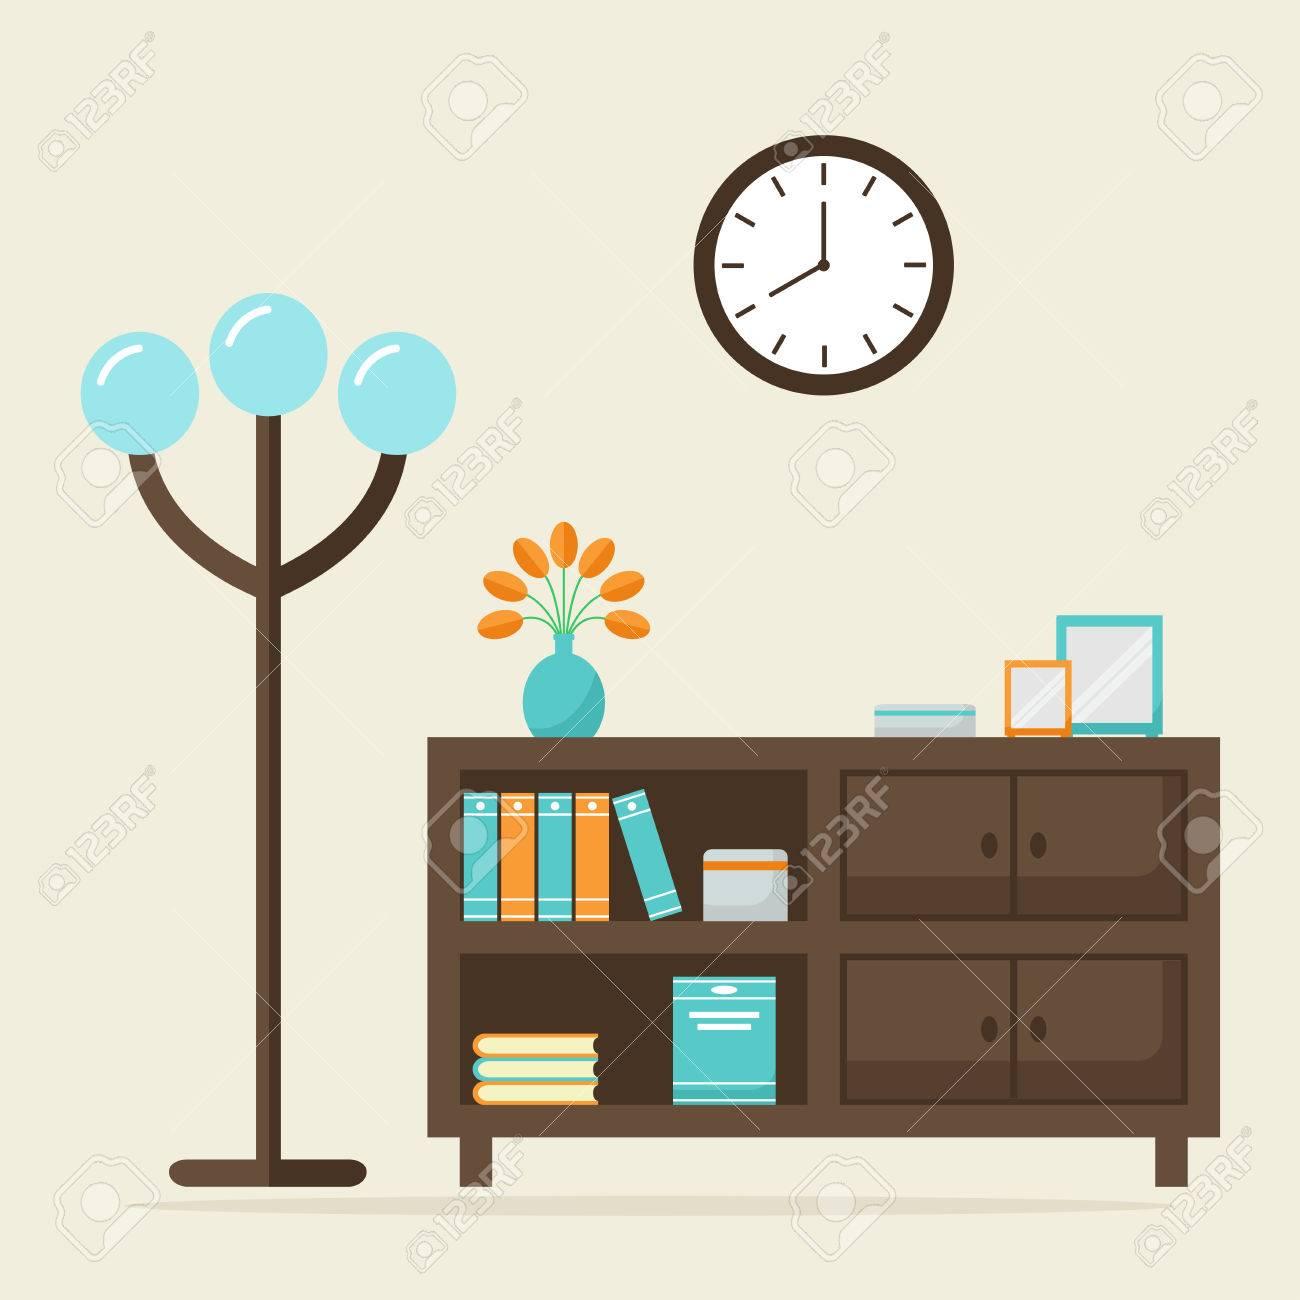 https://previews.123rf.com/images/neonicflower/neonicflower1602/neonicflower160200053/52737529-woonkamer-eigentijdse-inter-modern-houten-meubelen-ge%C3%AFsoleerde-elementen-boekenkast-staande-lamp-en-kl.jpg